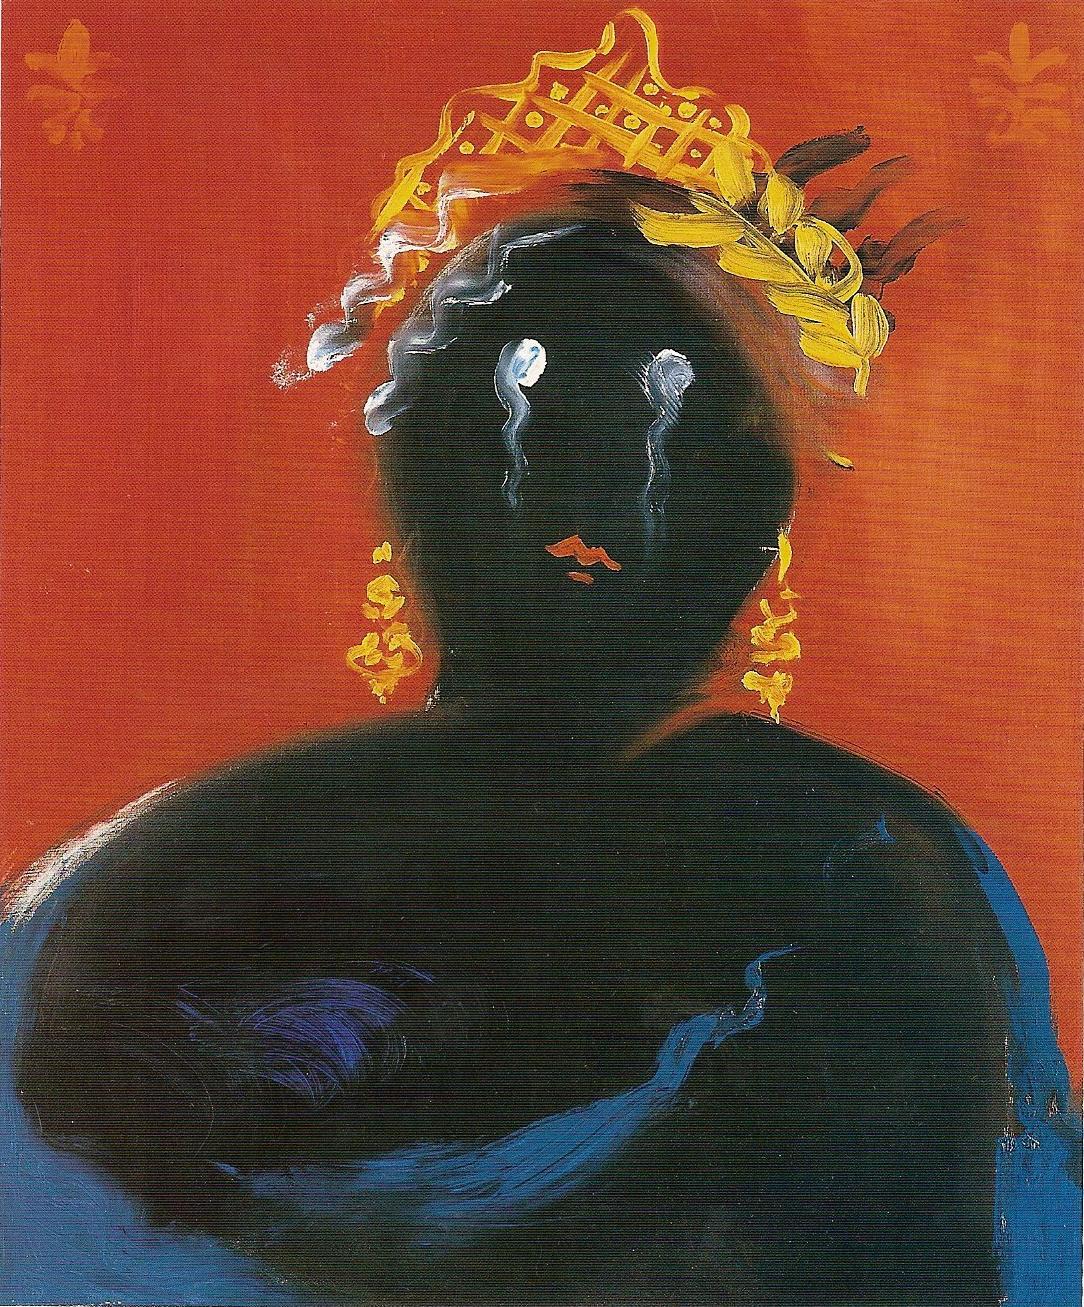 Pintura realizada por Vangelis